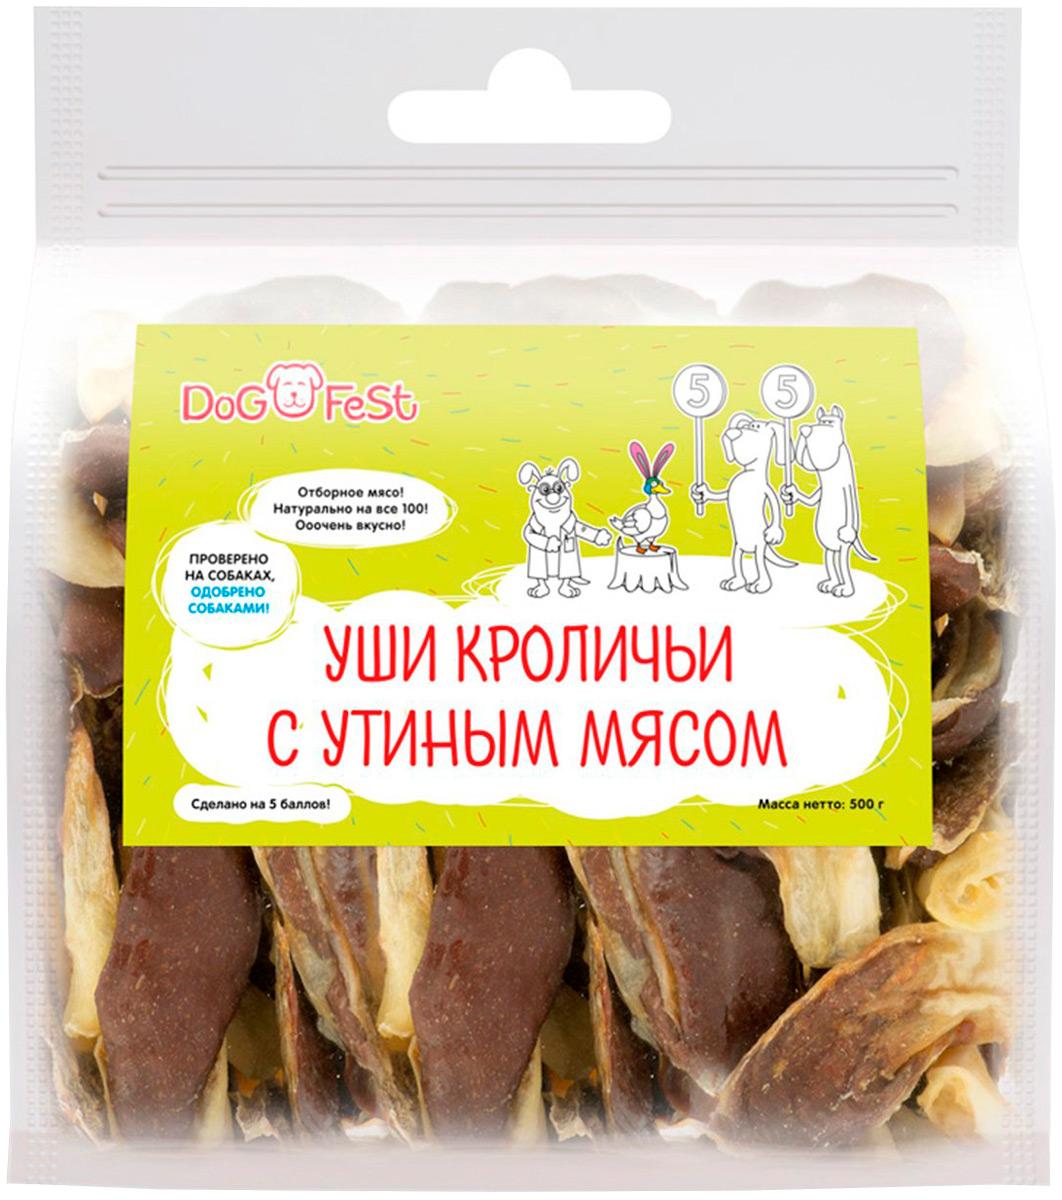 Лакомство Dog Fest для собак уши кроличьи с утиным мясом 500 гр (1 шт)